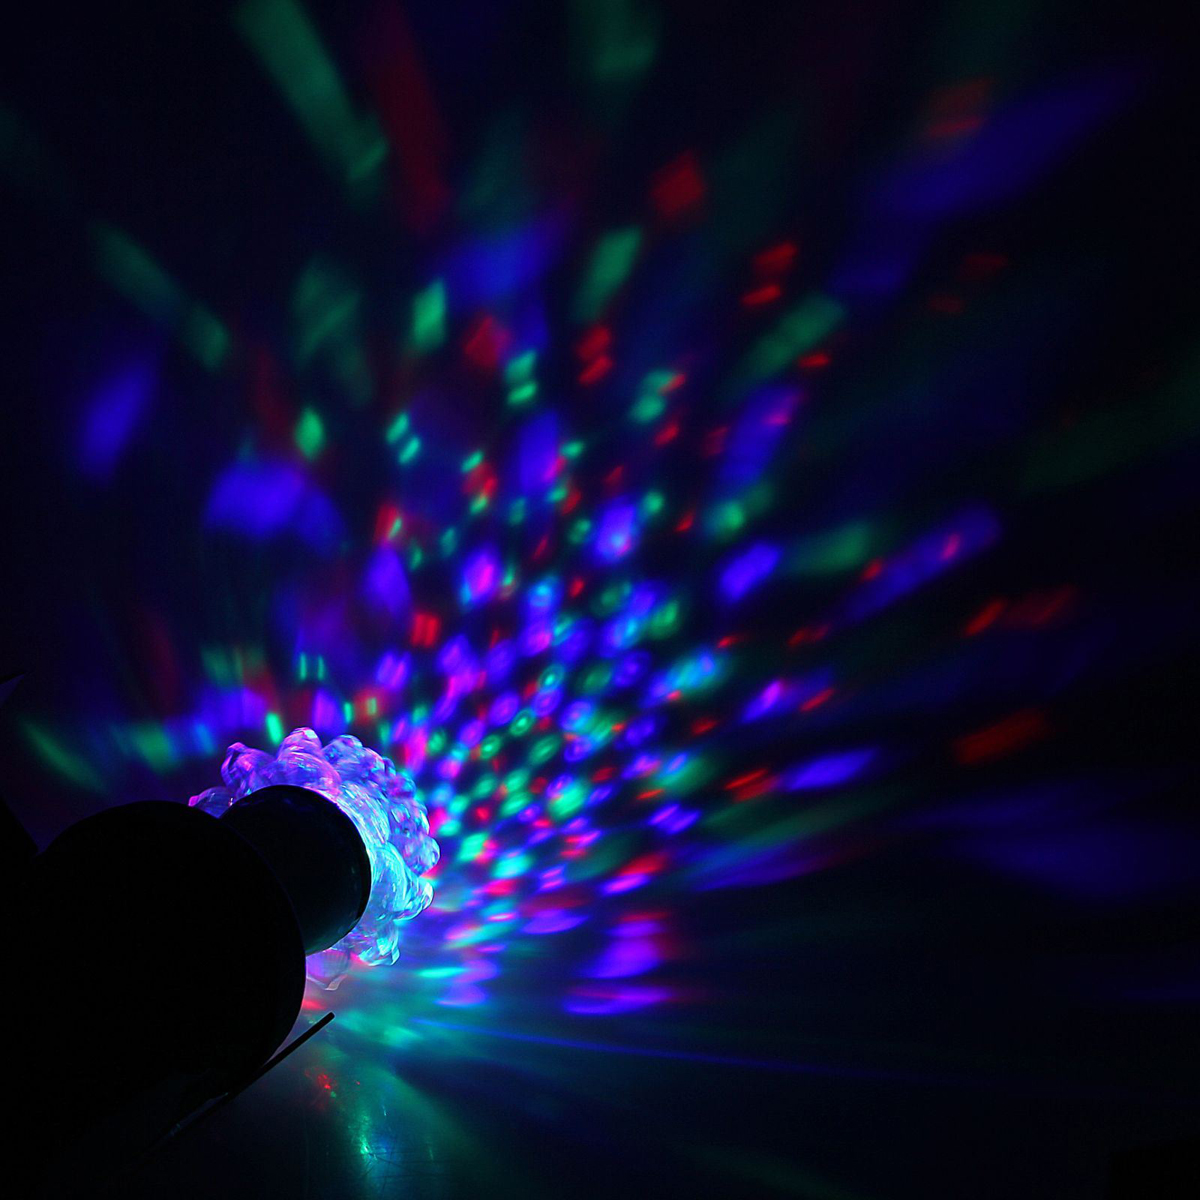 Лампа-проектор Luazon Хрустальный цветок, диаметр 12,5 см, эффект зеркального шара, Е27, V220 RGB1077510Лампа-проектор Luazon- это отличный вариант для новогоднего оформления интерьера или фасада. С ее помощью помещение можно превратить в праздничный зал. Такое украшение создают ауру предвкушения чуда.